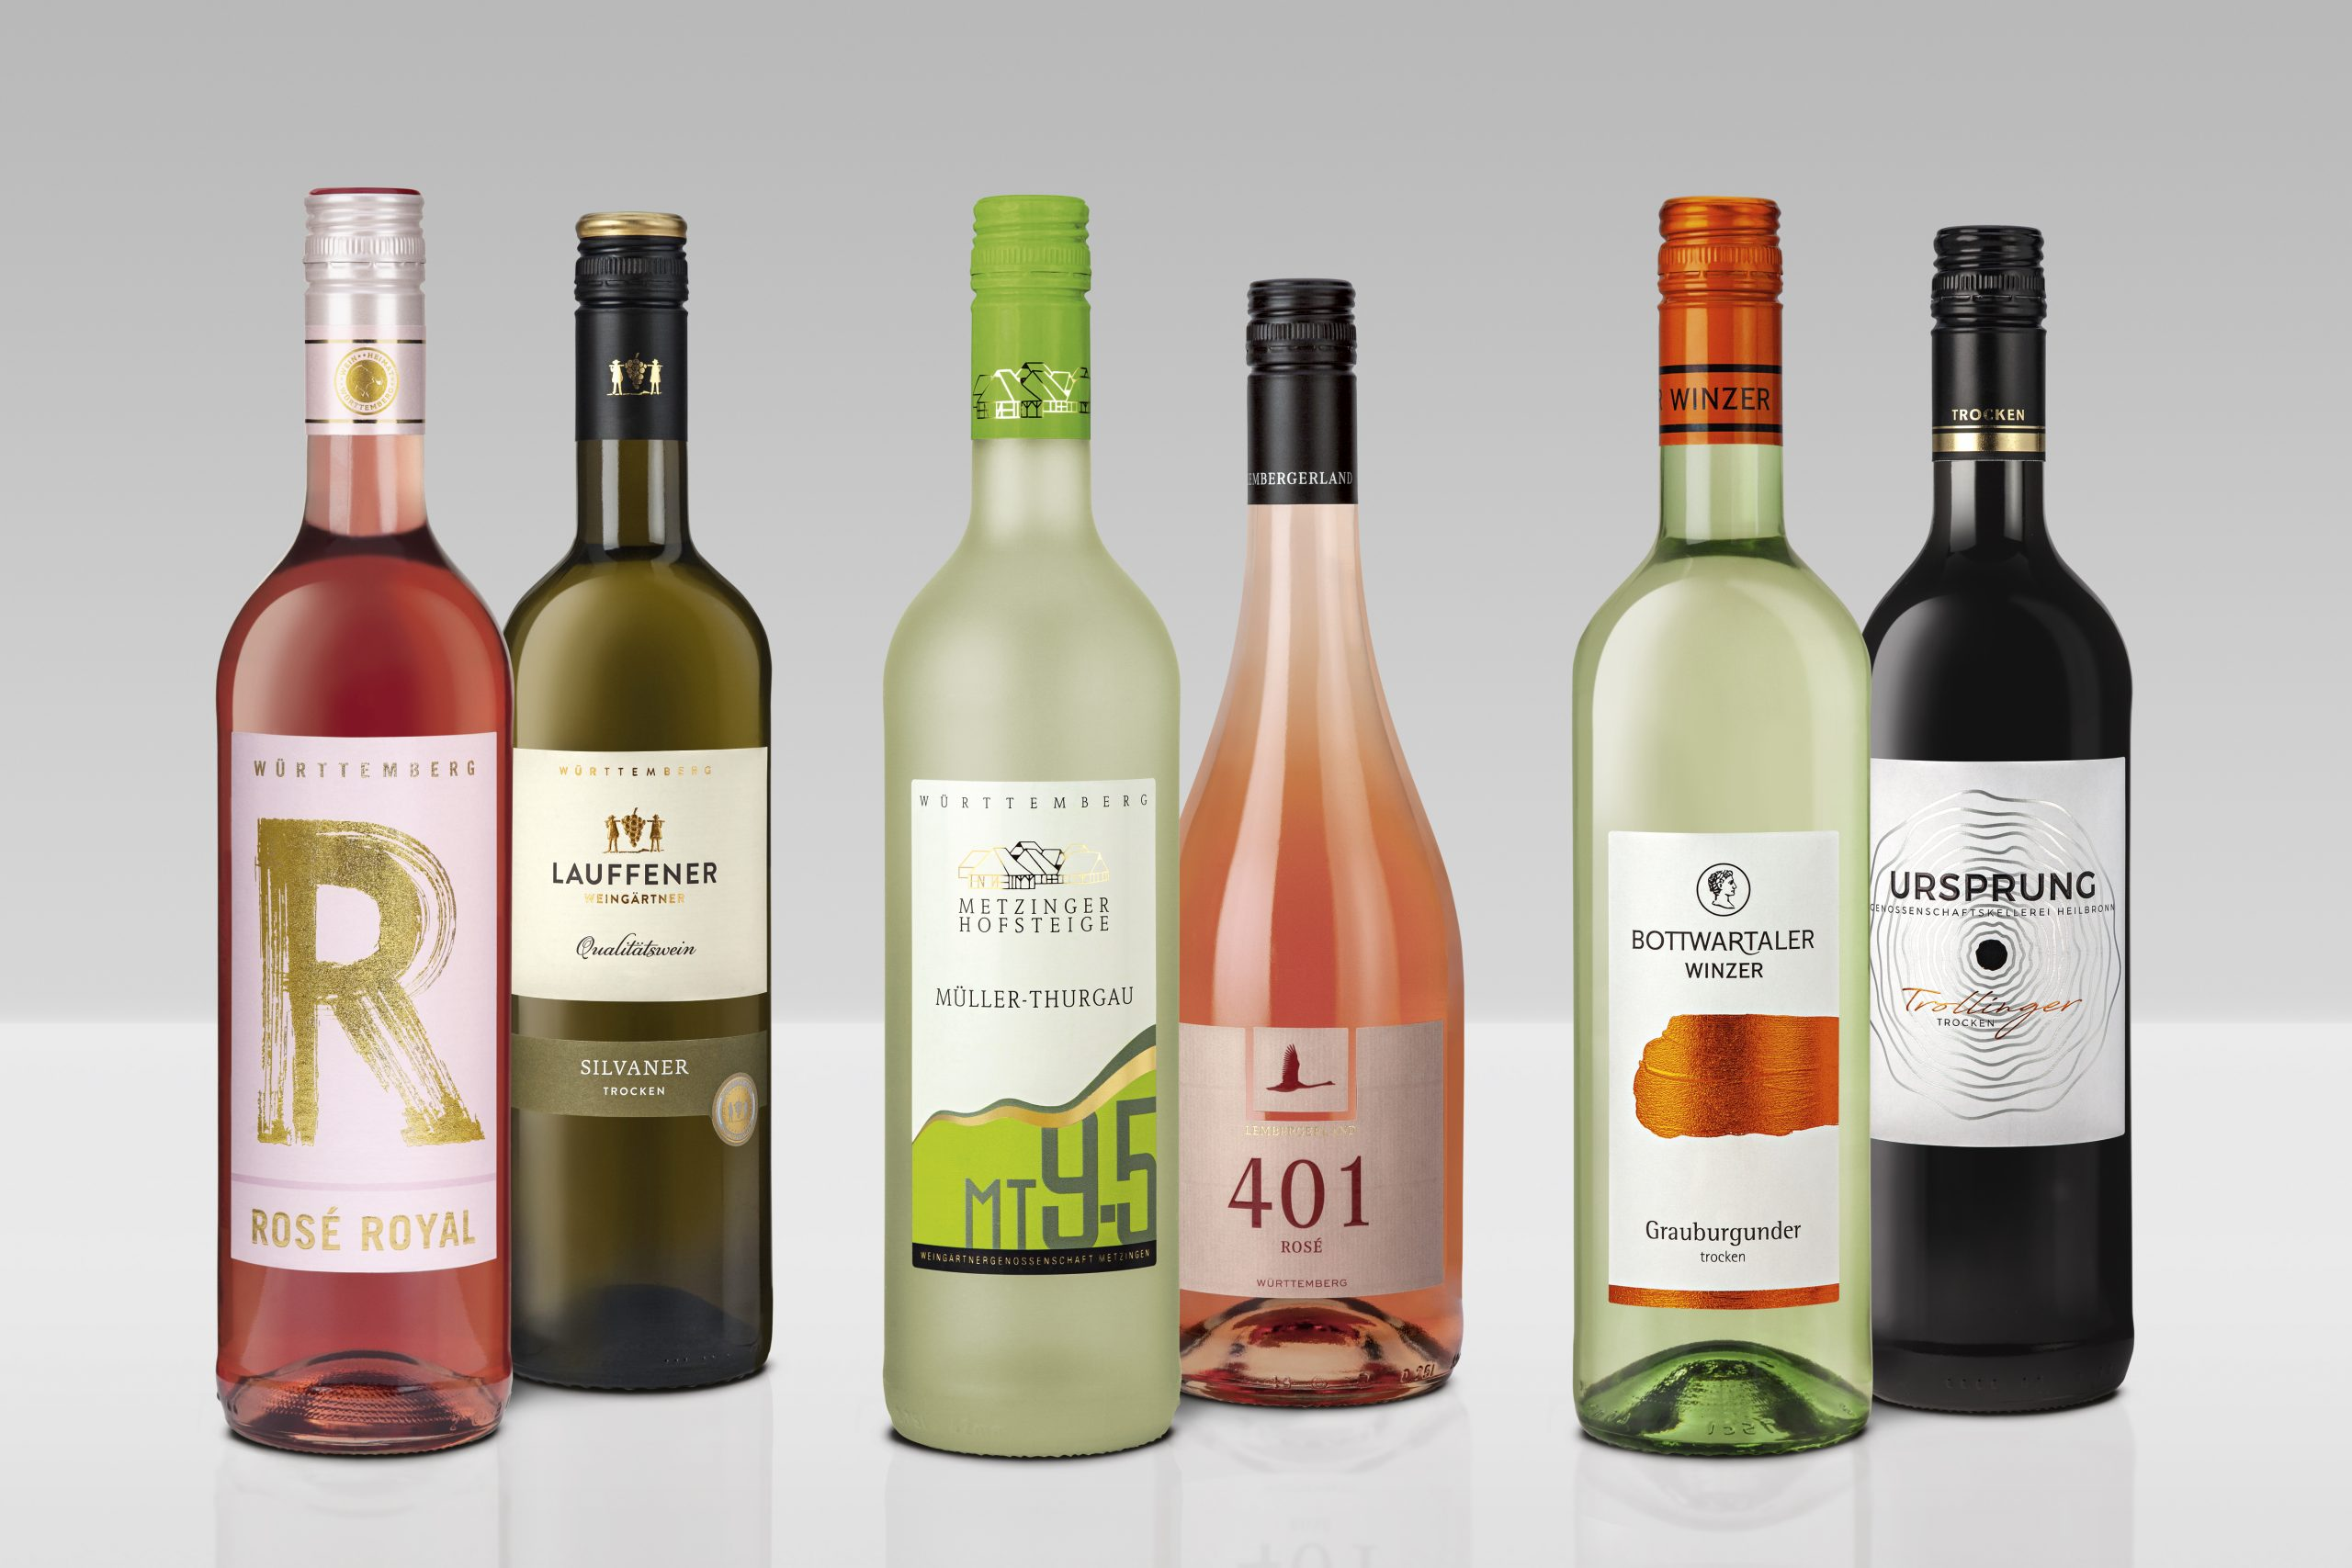 Der Gewinn im Frühlings-Gewinnspiel im Wein Heimat Blog am 13.04.: Das Weinheimat Württemberg Spargelpaket.